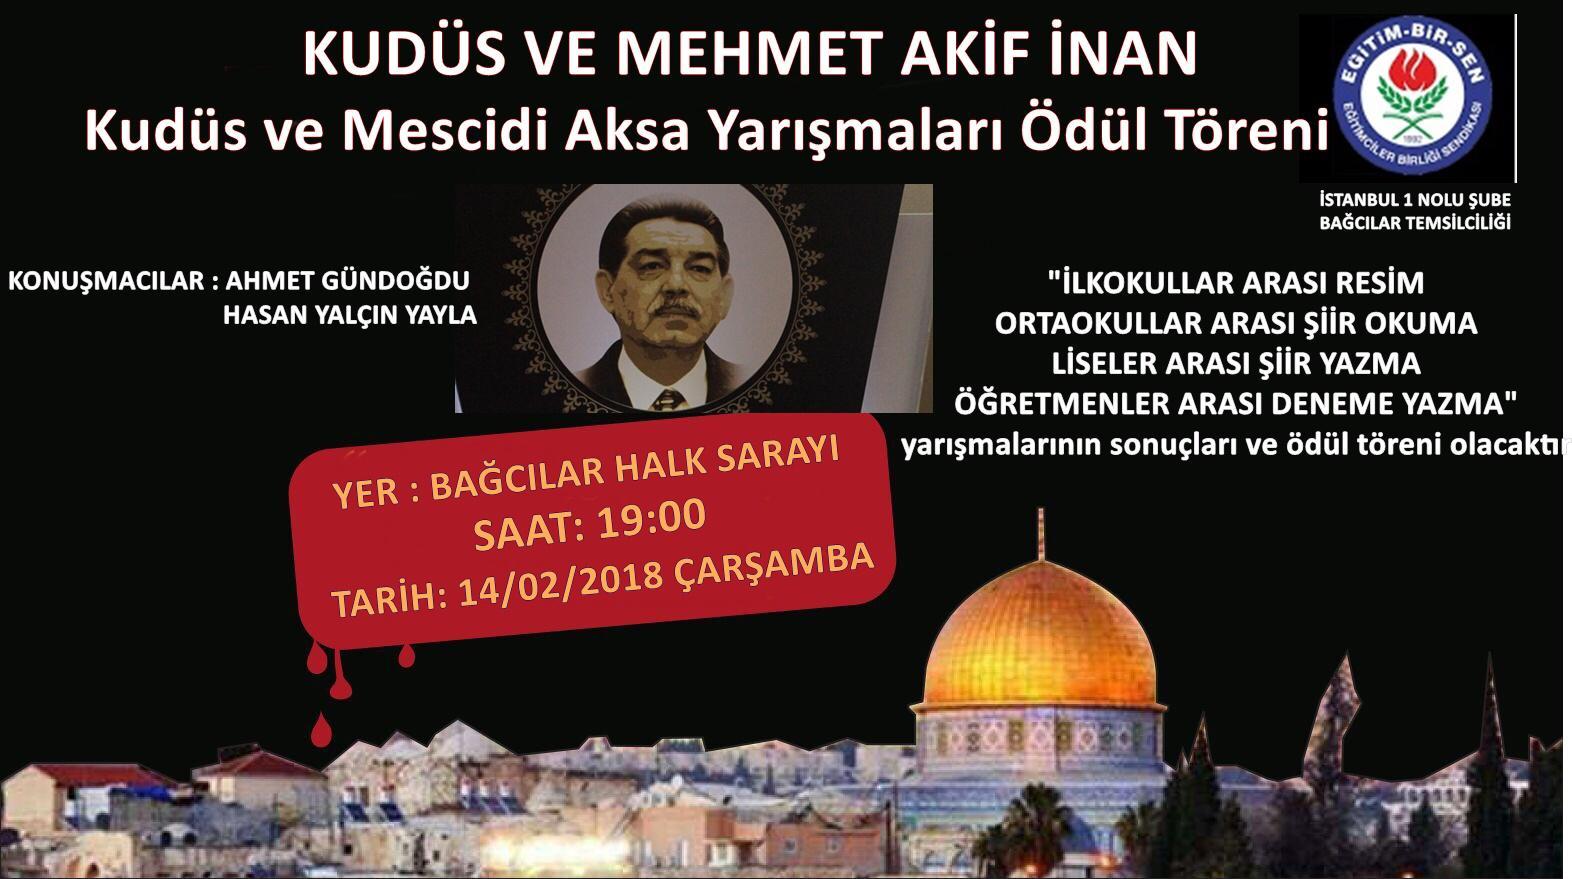 Kudüs ve Mehmet Akif İnan, Ödülleri Sahiplerini Buluyor.